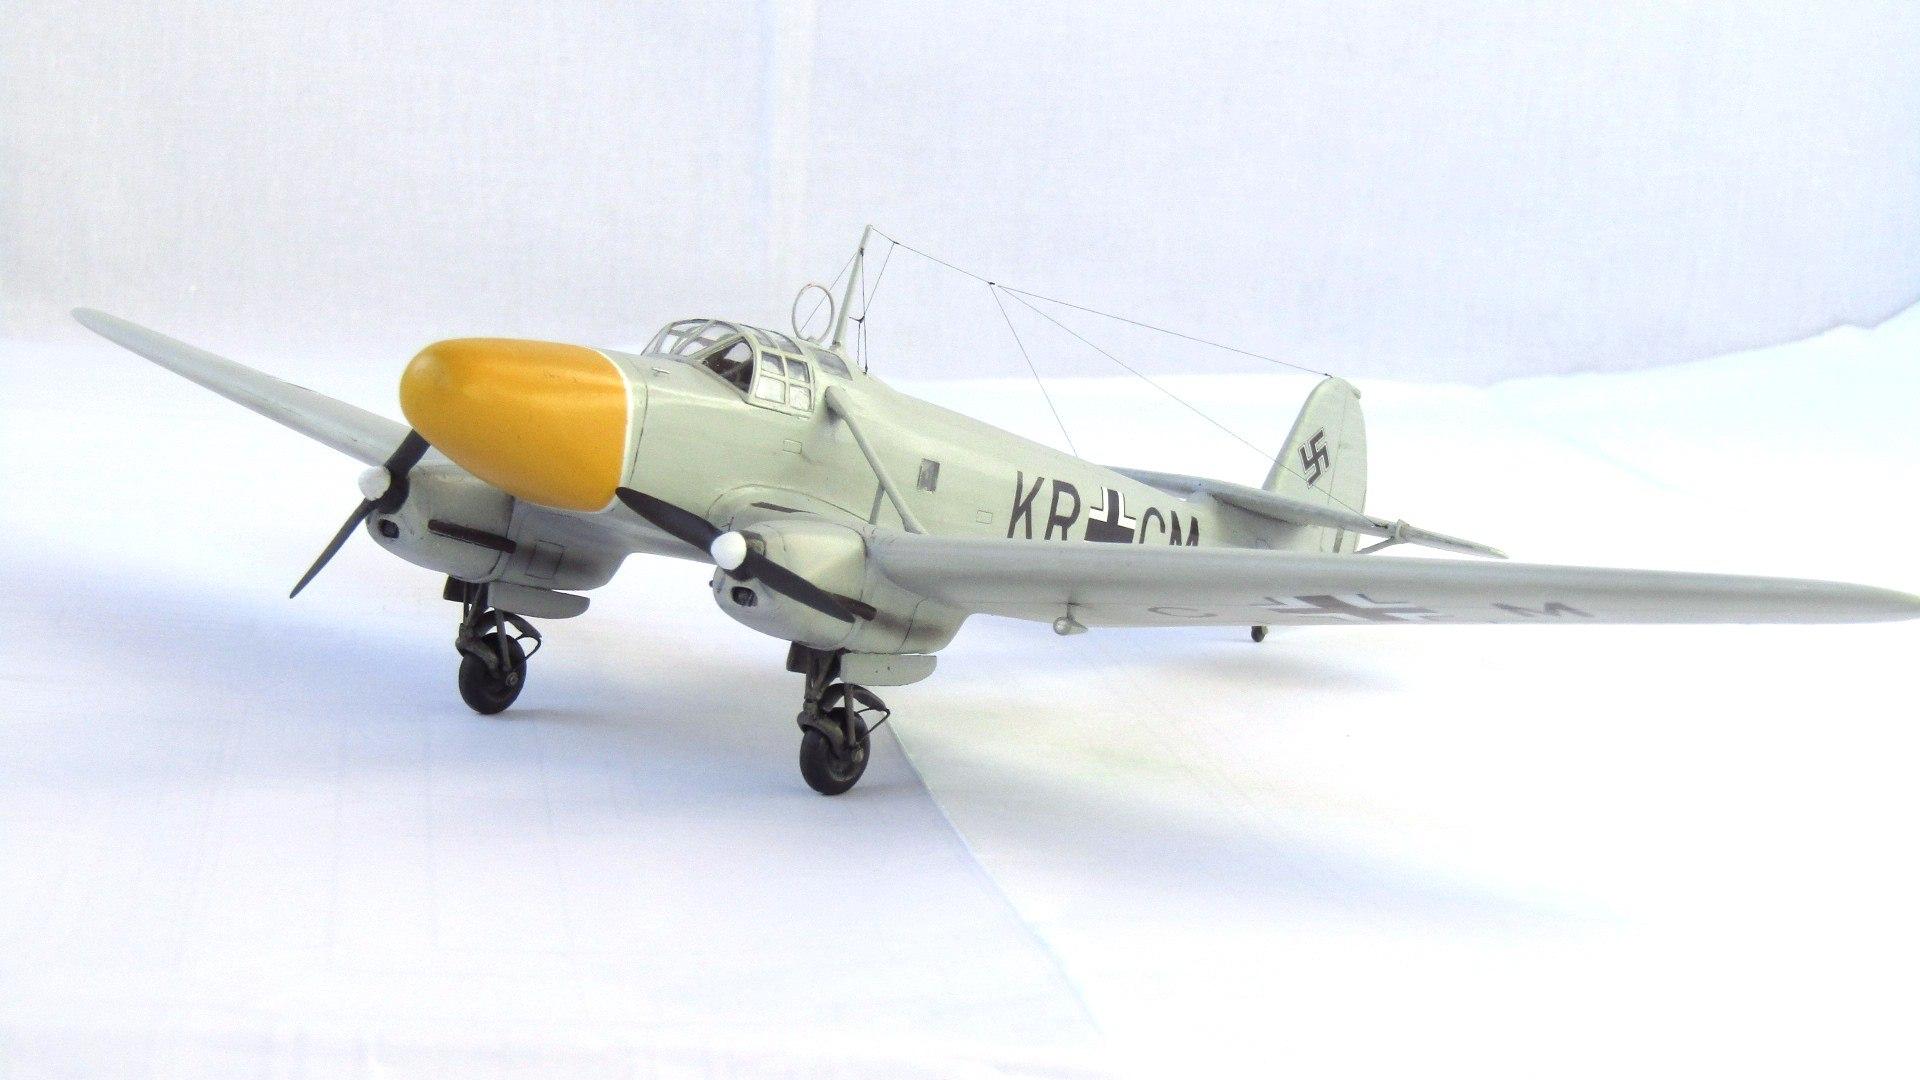 FW - 58C weihe 1/72 (Special Hobby) TtMAxSSPvCw